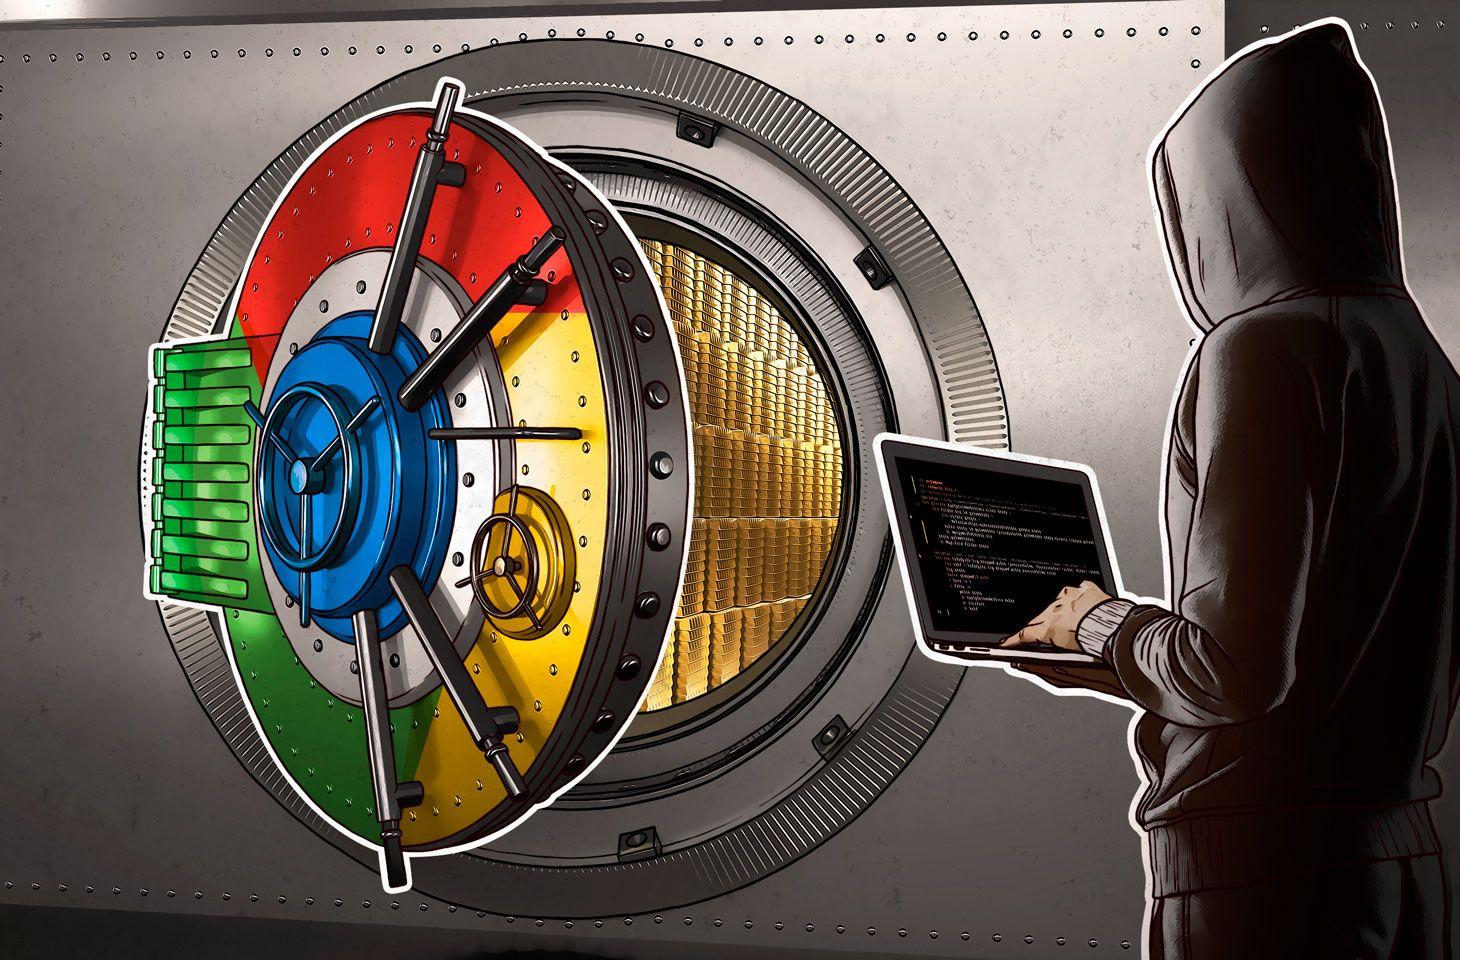 Passwörter, Kreditkartennummern und andere Daten, die in Ihrem Browser gespeichert werden, können von Malware gestohlen werden